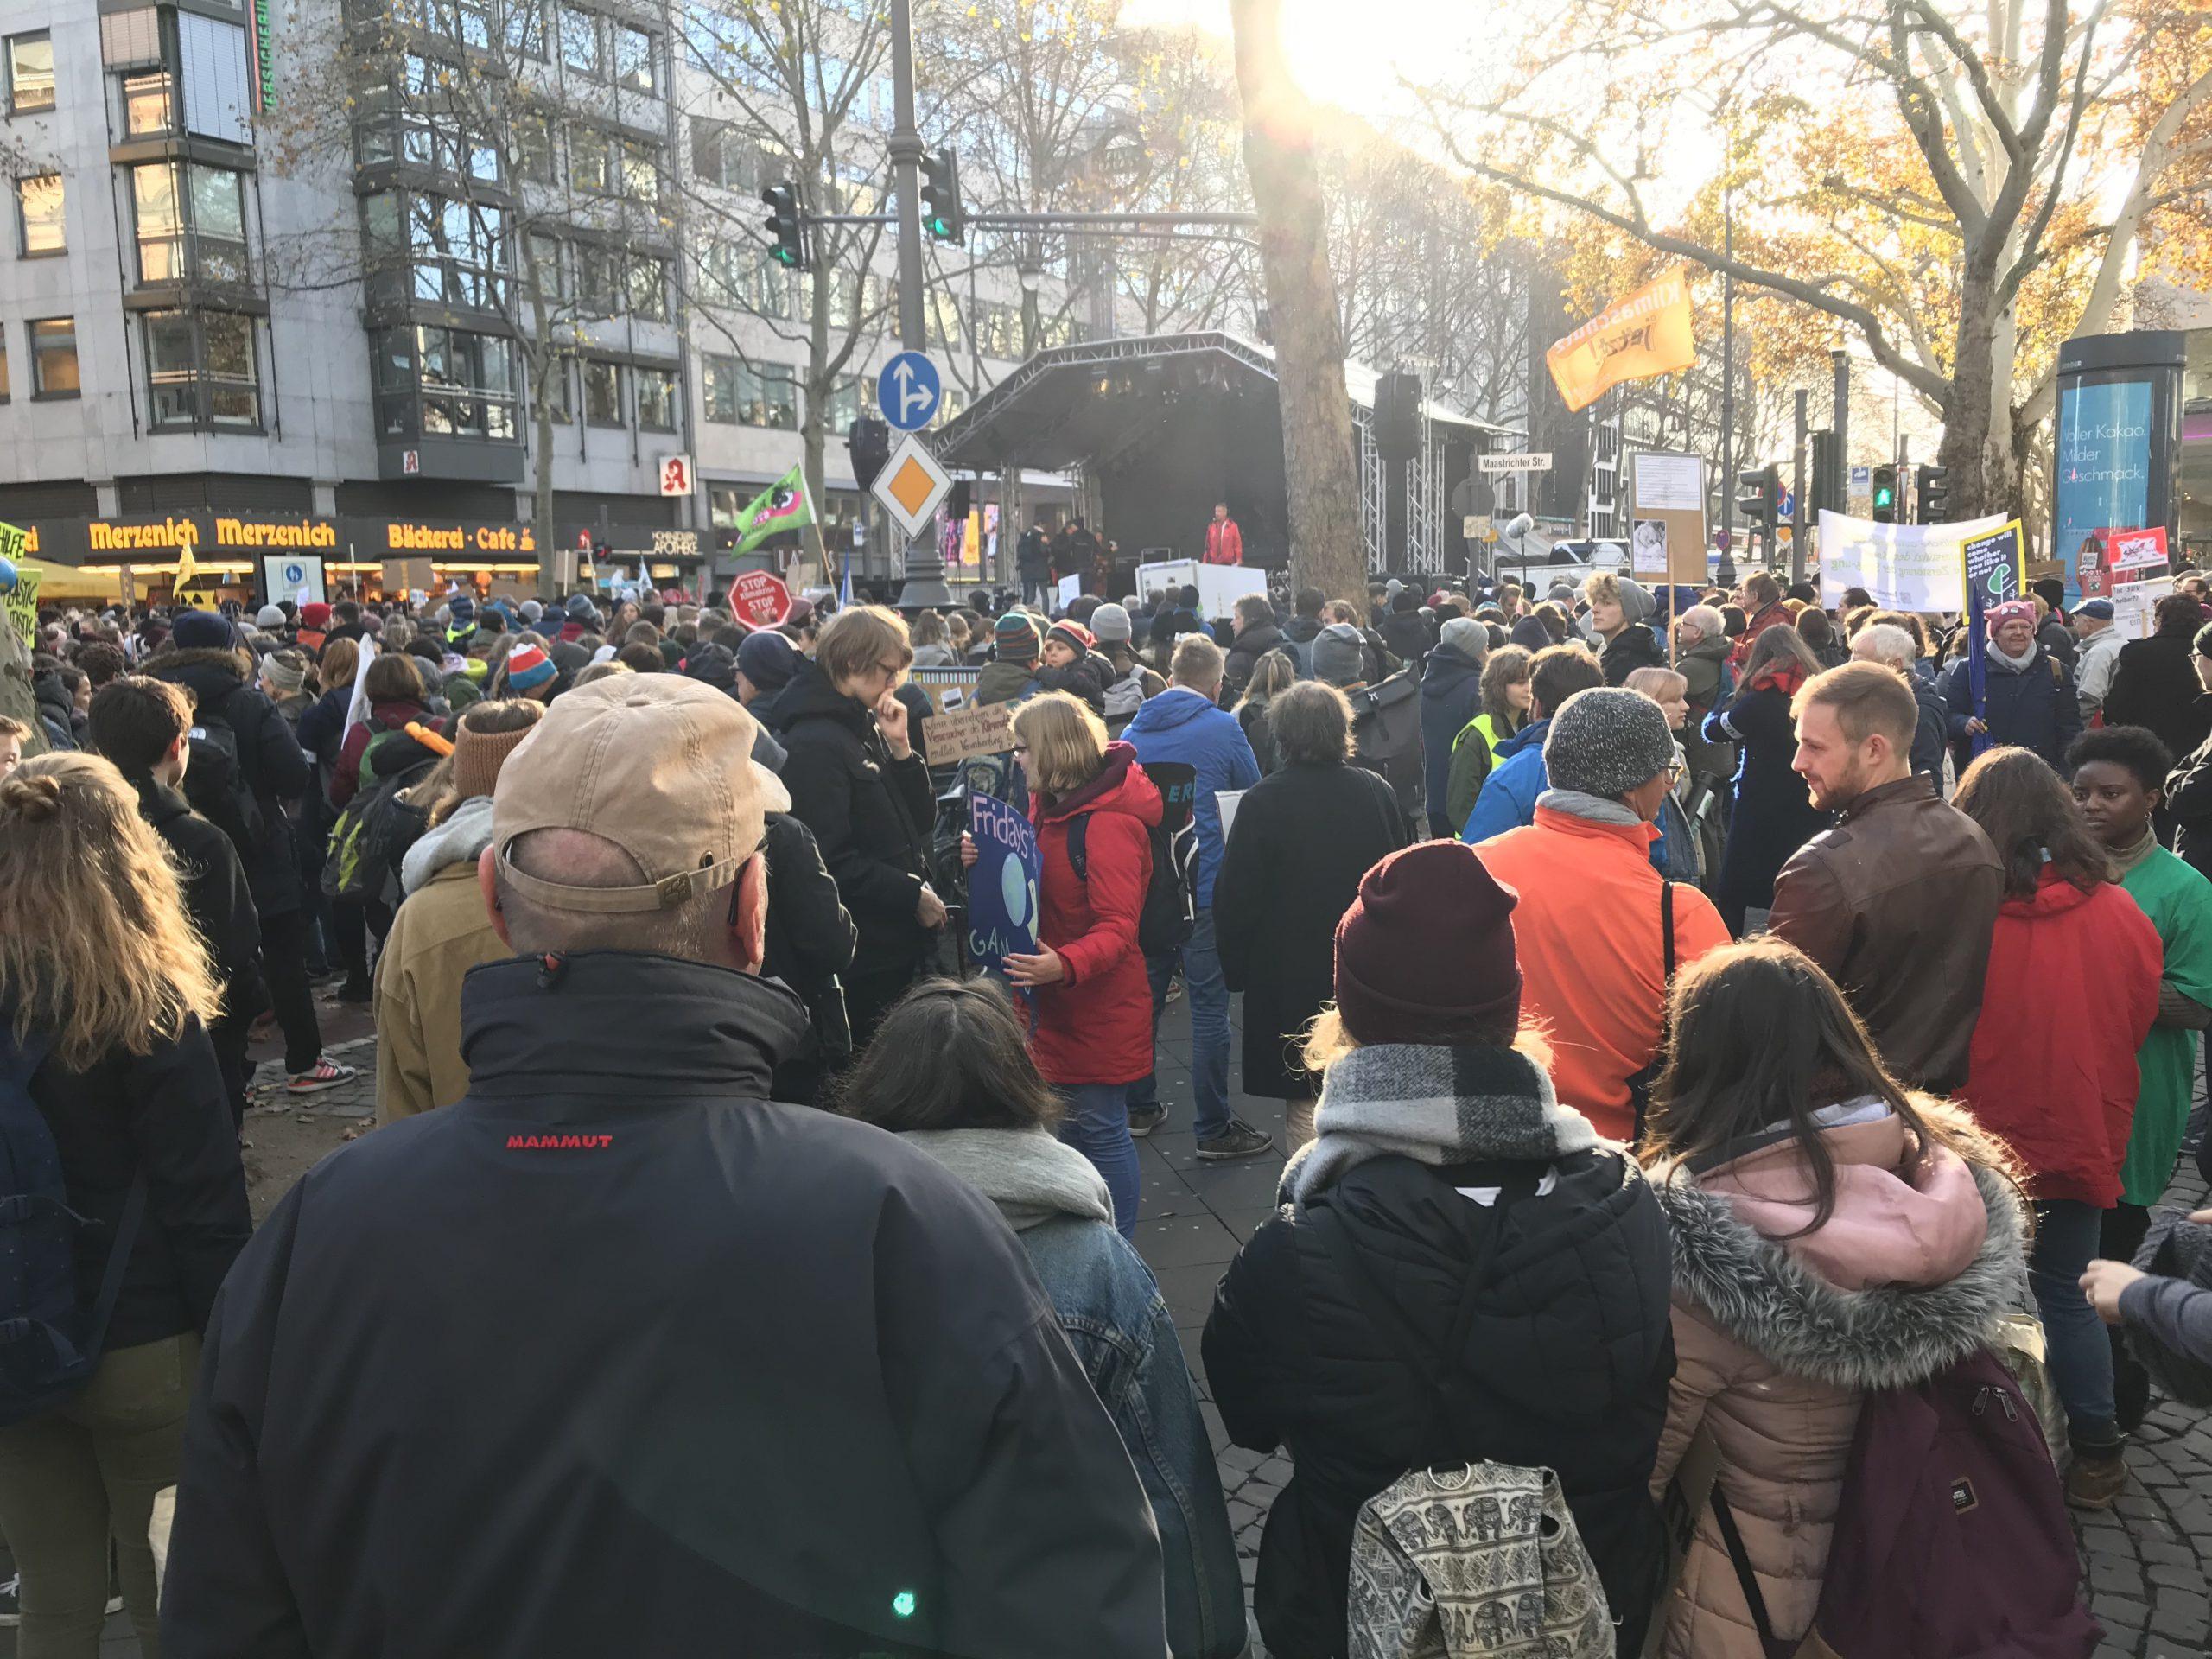 Im Gegenlicht ist im Bildhintergrund eine große Bühne zu sehen, auf der eine Person in roter Jacke steht. Vorn viele Leute in Winterkleidung, die zur Bühne schauen.